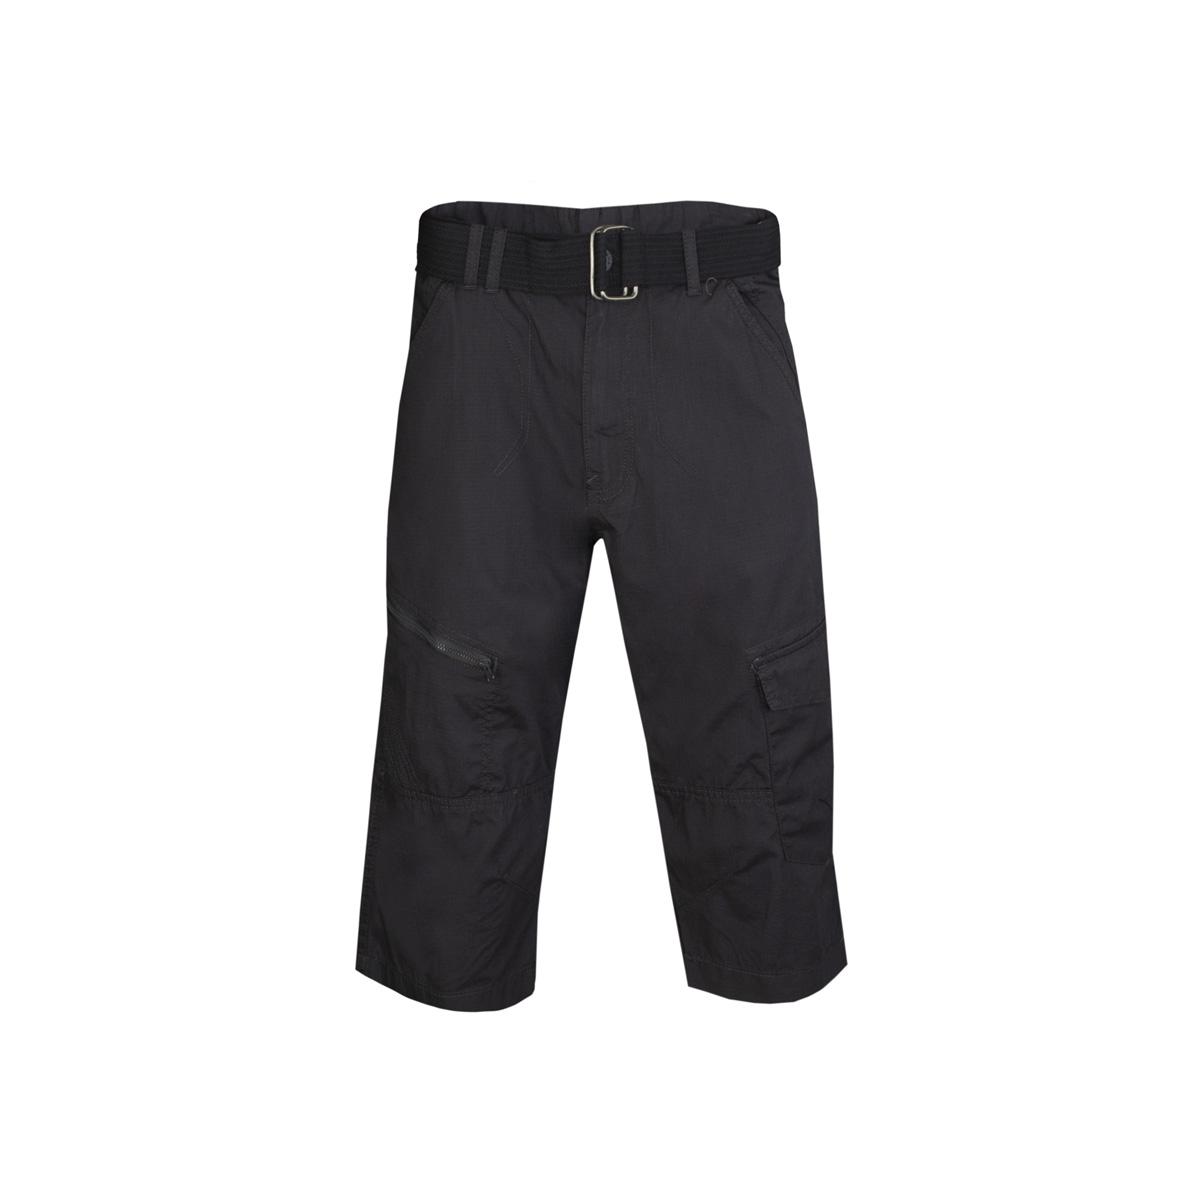 Moške hlače, temno siva